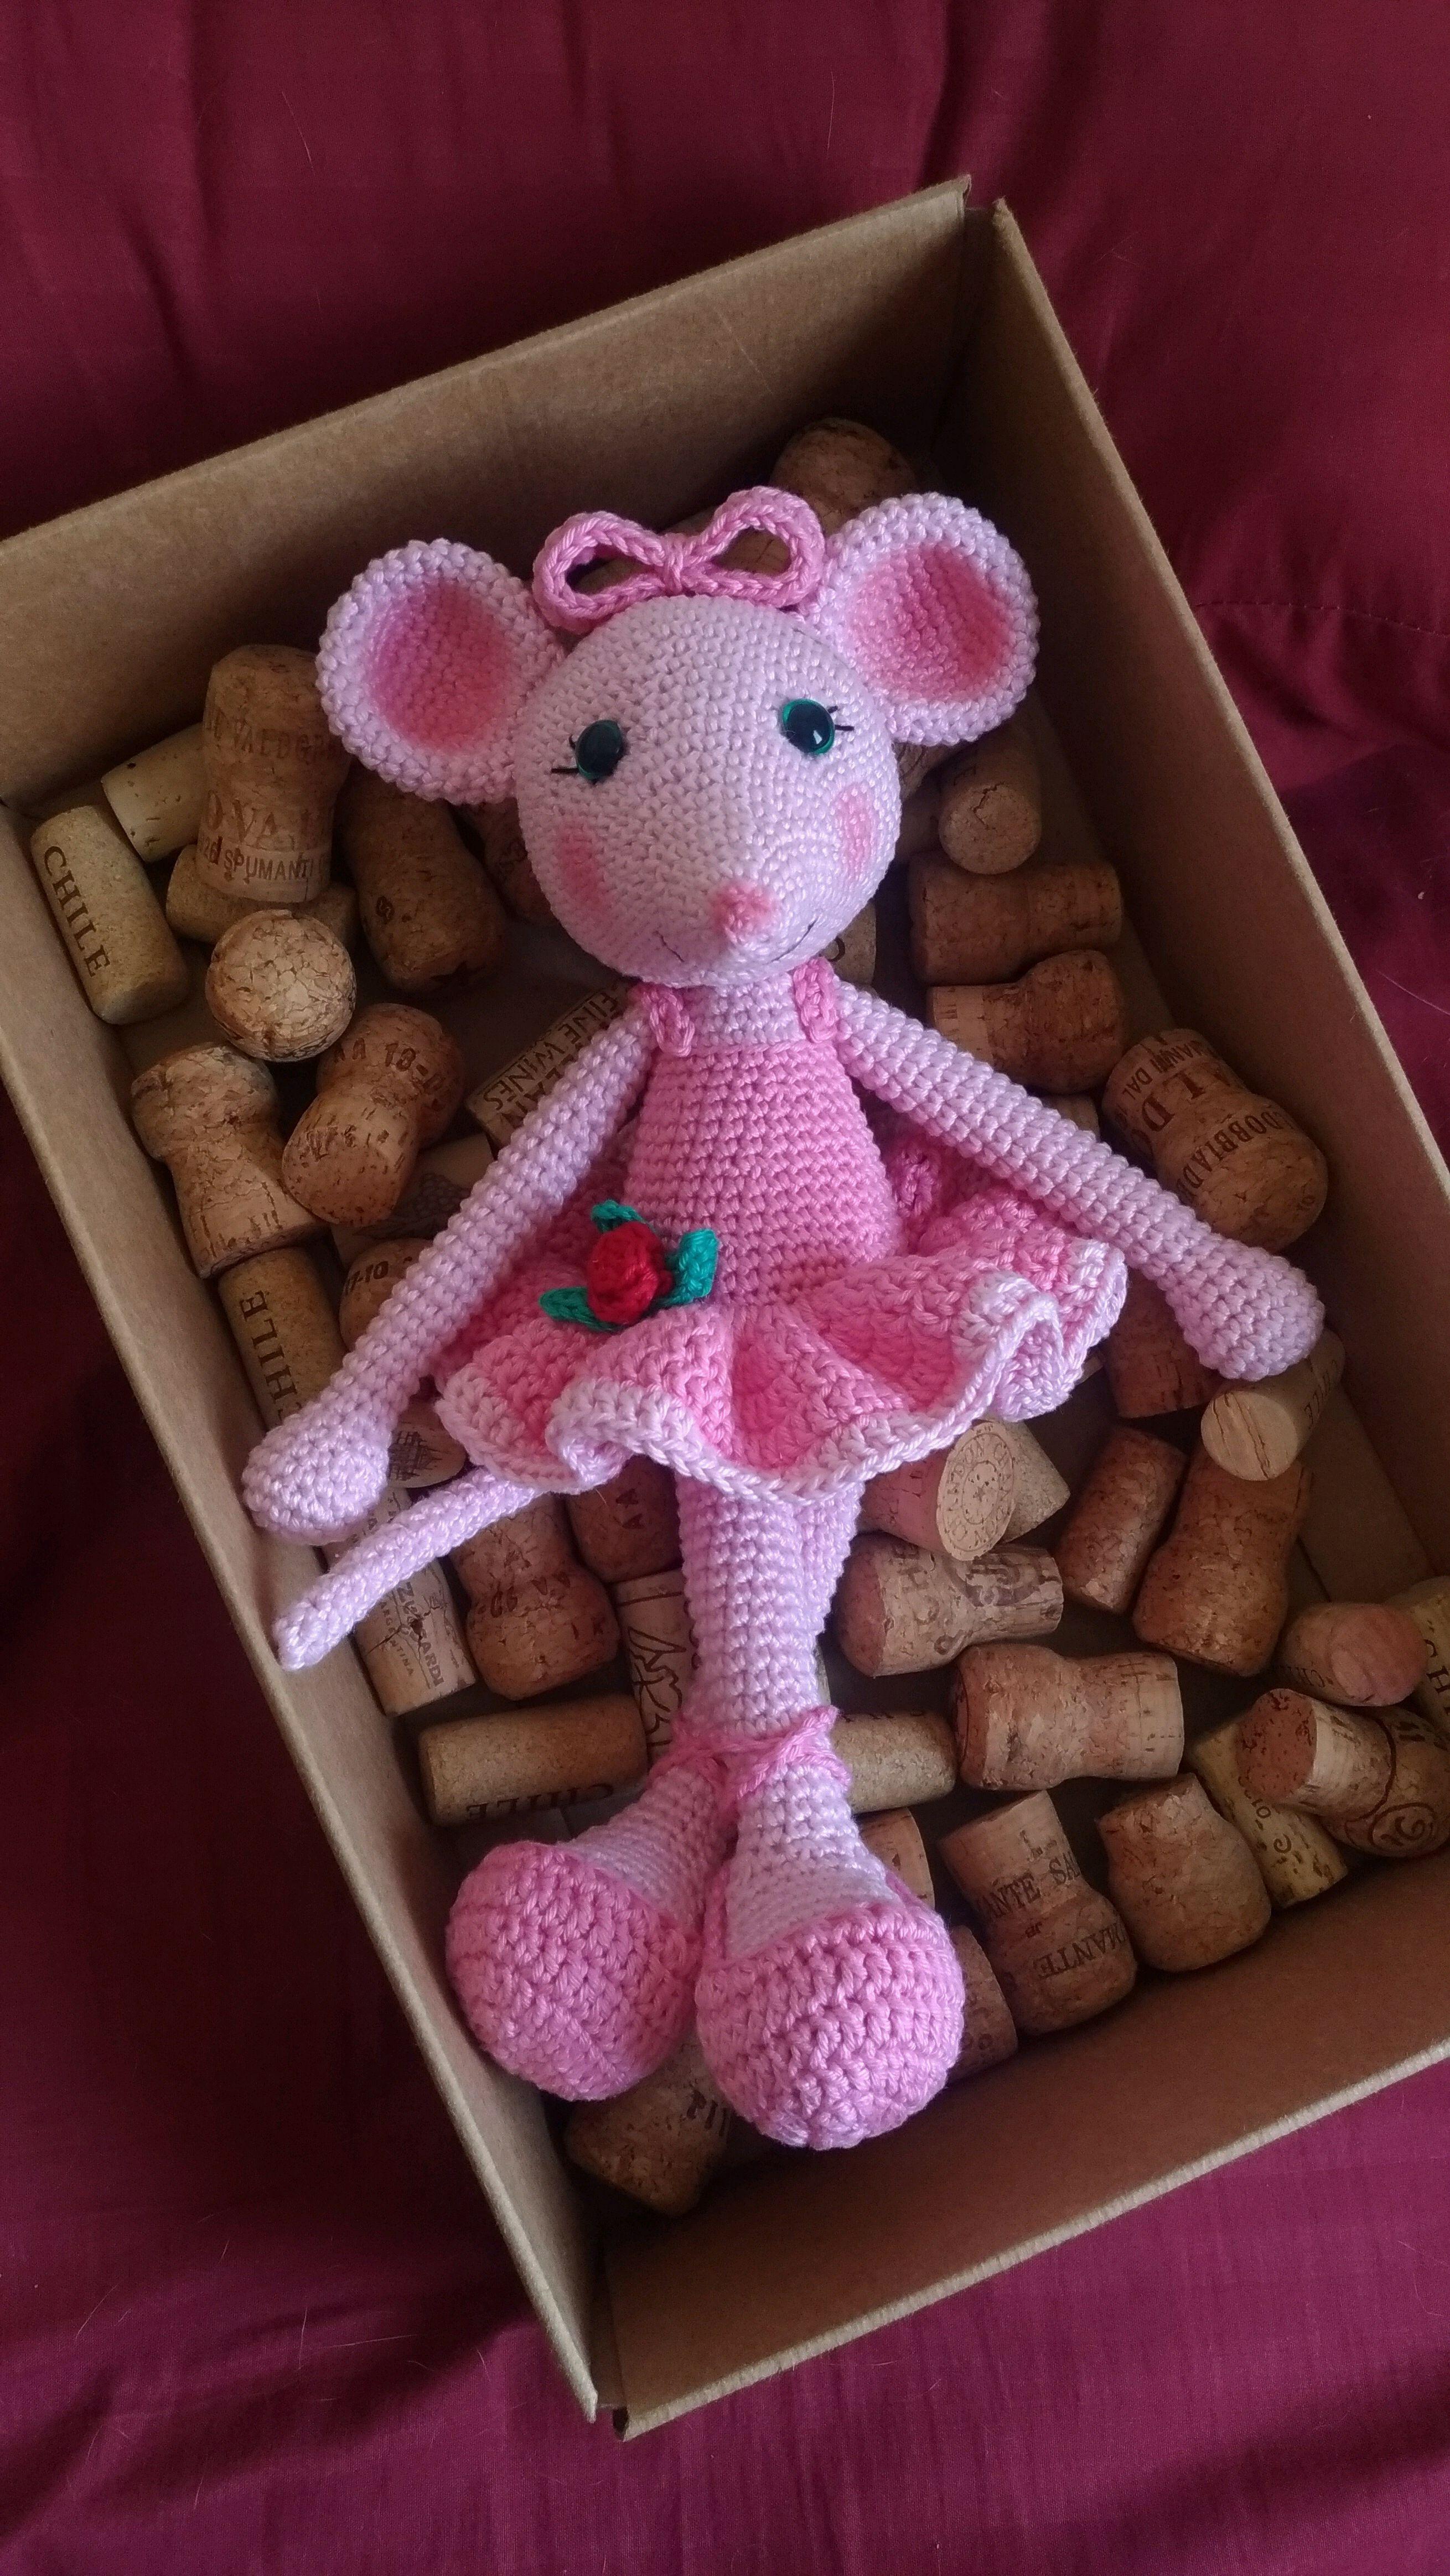 Amigurumi Angelina Ballerina | Háčkované hračky, Háčkování ... | 4656x2620